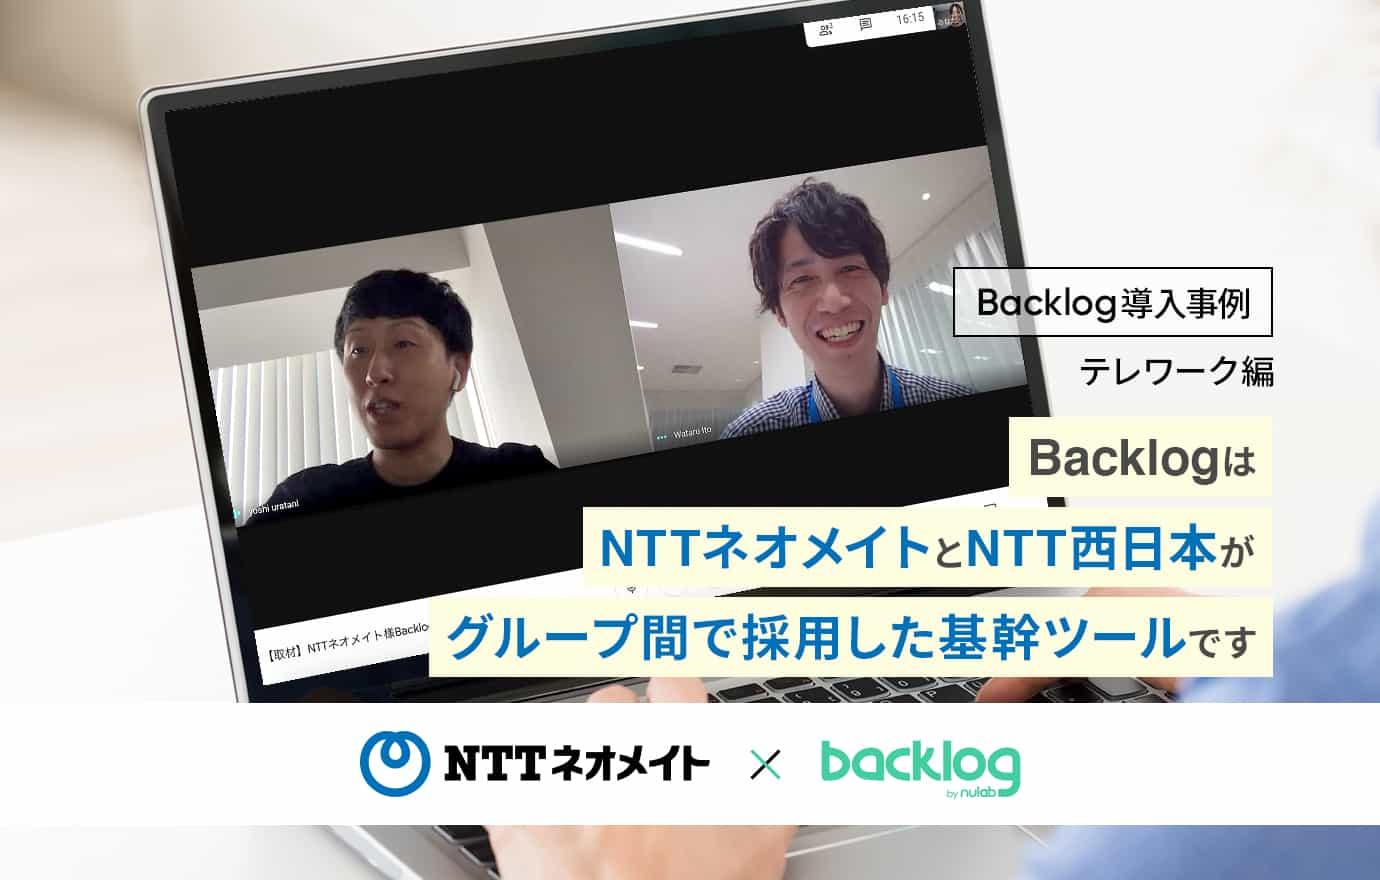 NTTネオメイト様Backlog導入事例